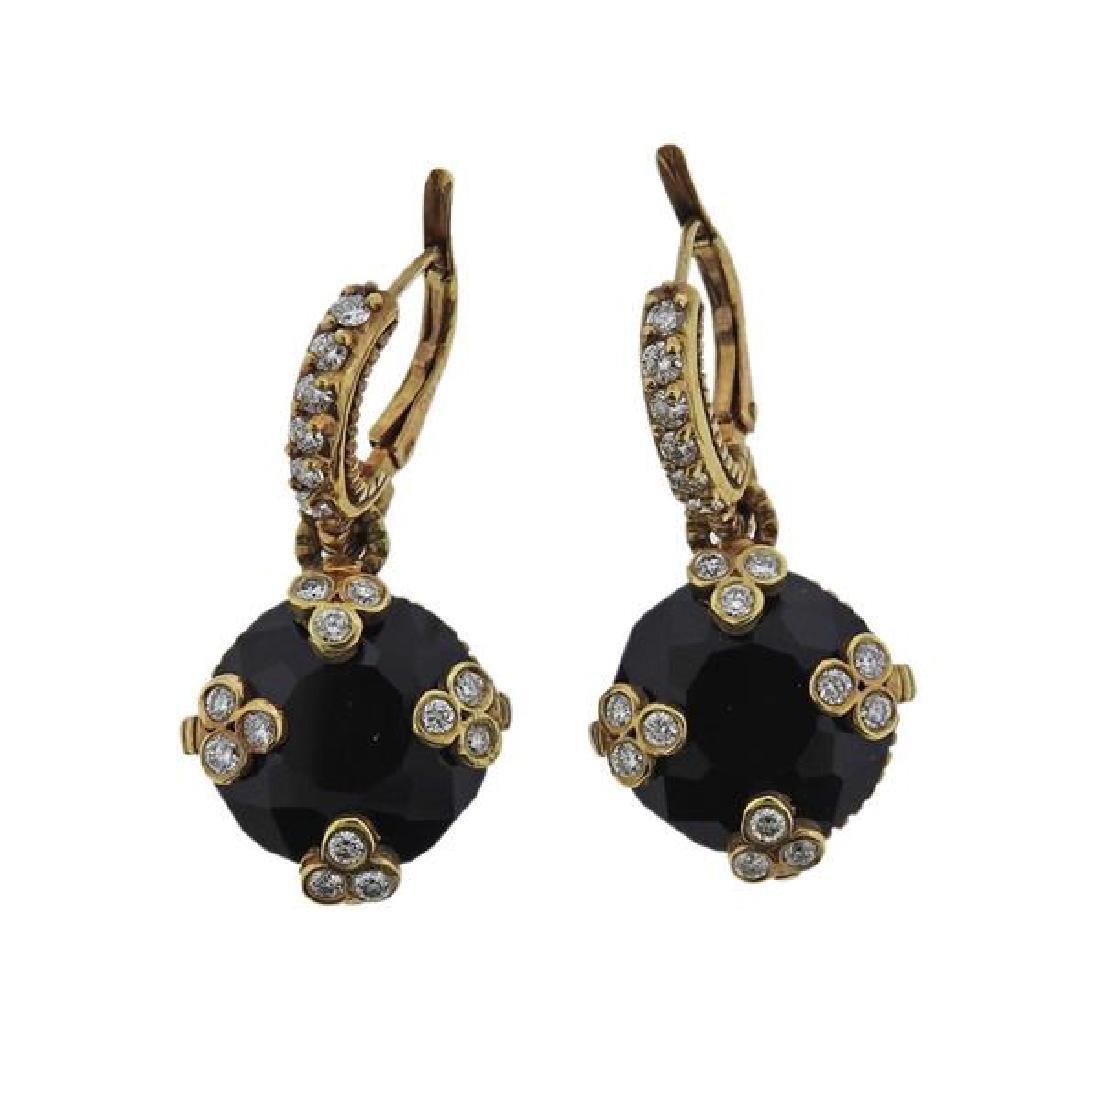 18K Gold Diamond Onyx Earrings - 2